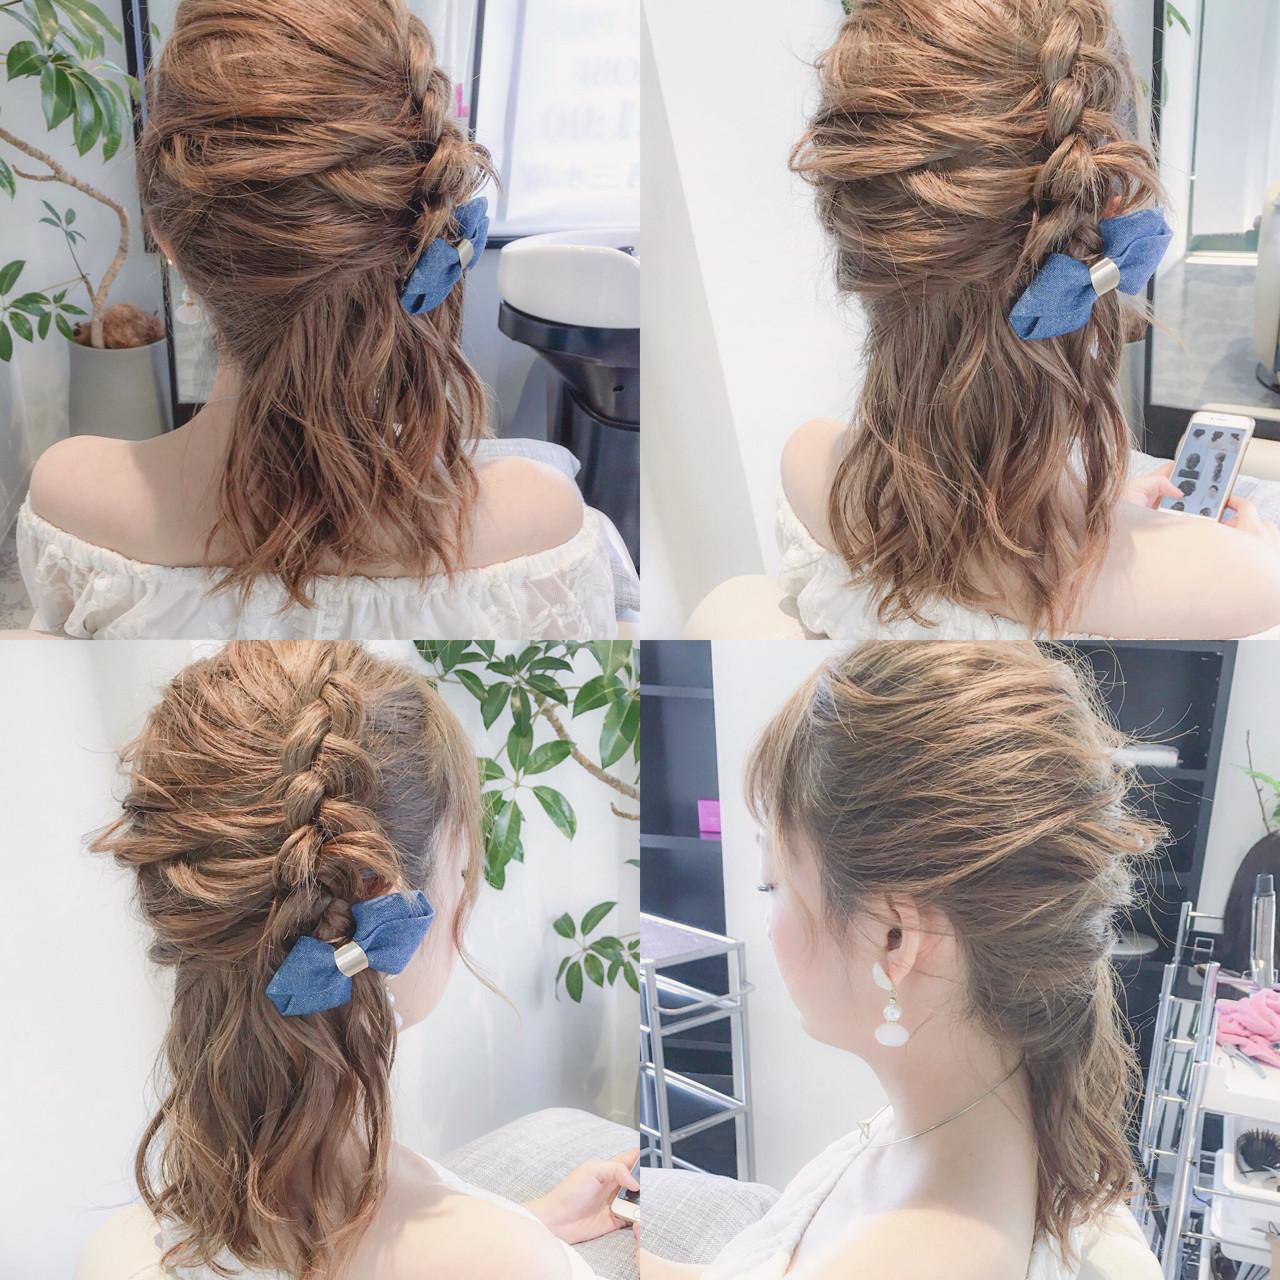 アシメな髪型トレンドカタログ2017♡セルフカット・アレンジ技も伝授♪ 美容師 HIRO/ Amoute/アムティ